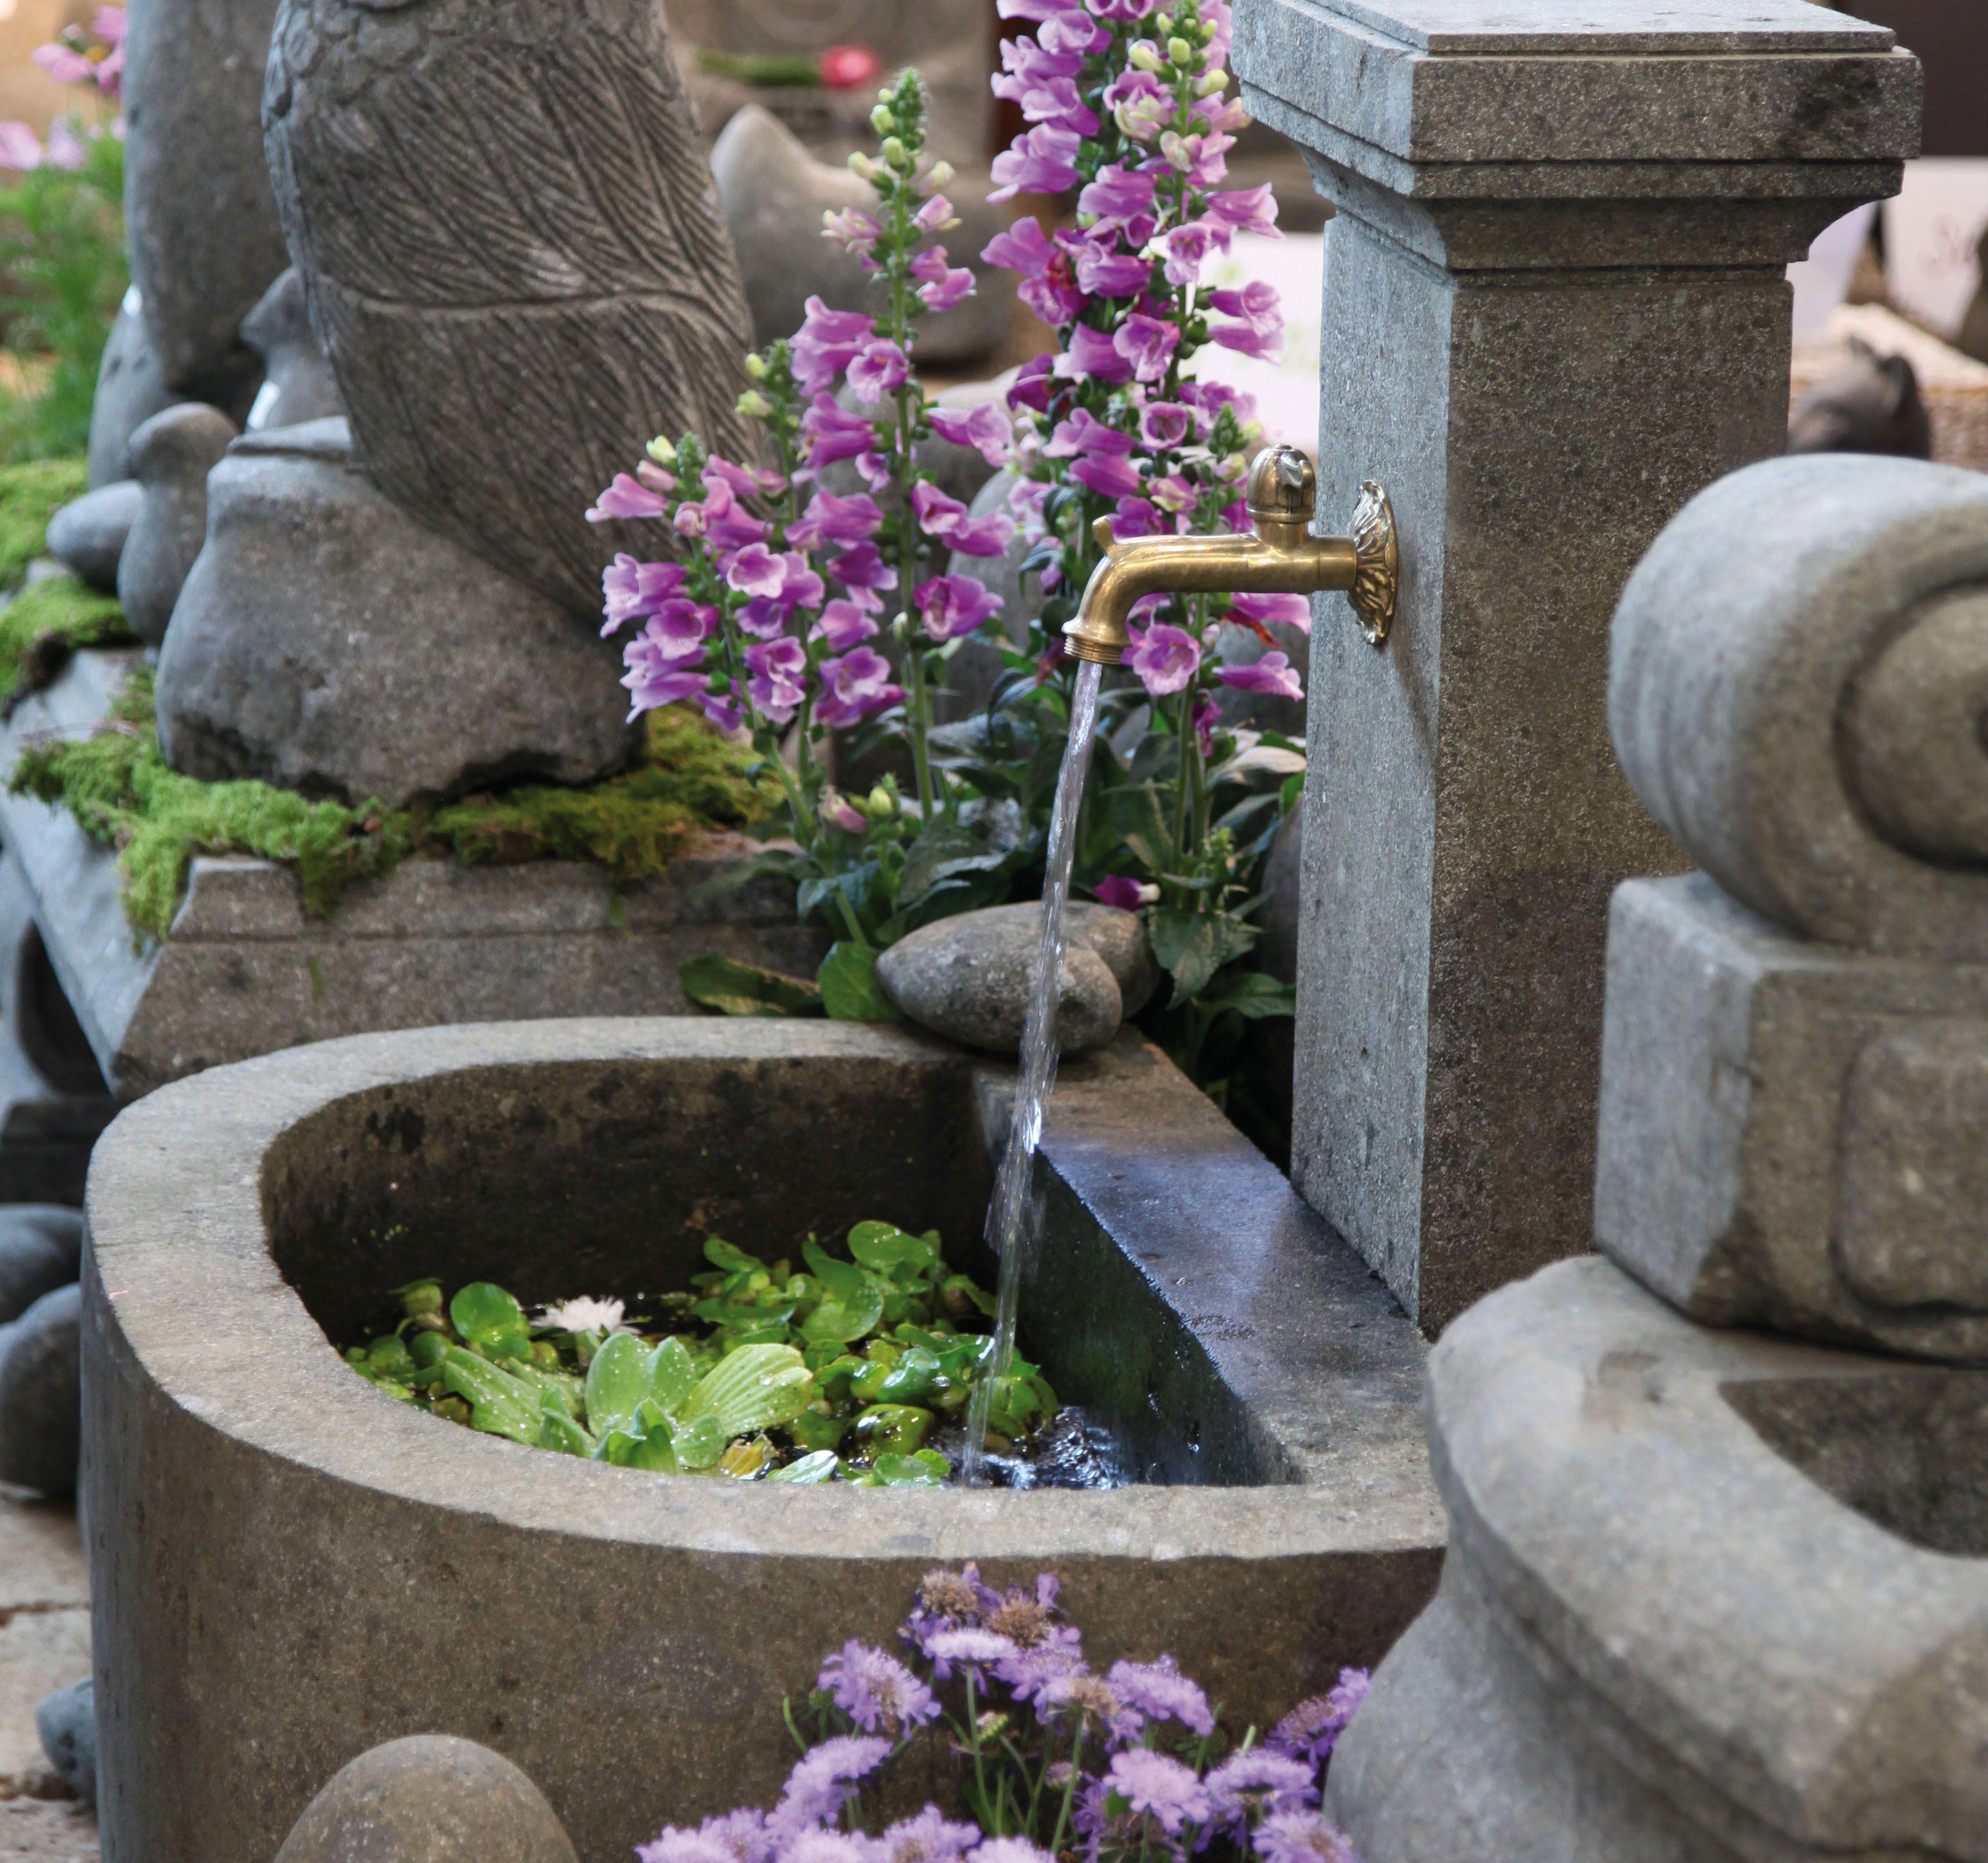 Captivating Ein Stück Alter Marktplatz Im Eigenen Garten. Dank Einer Außenpumpe  Sprudelt Das Wasser Im Unendlichen